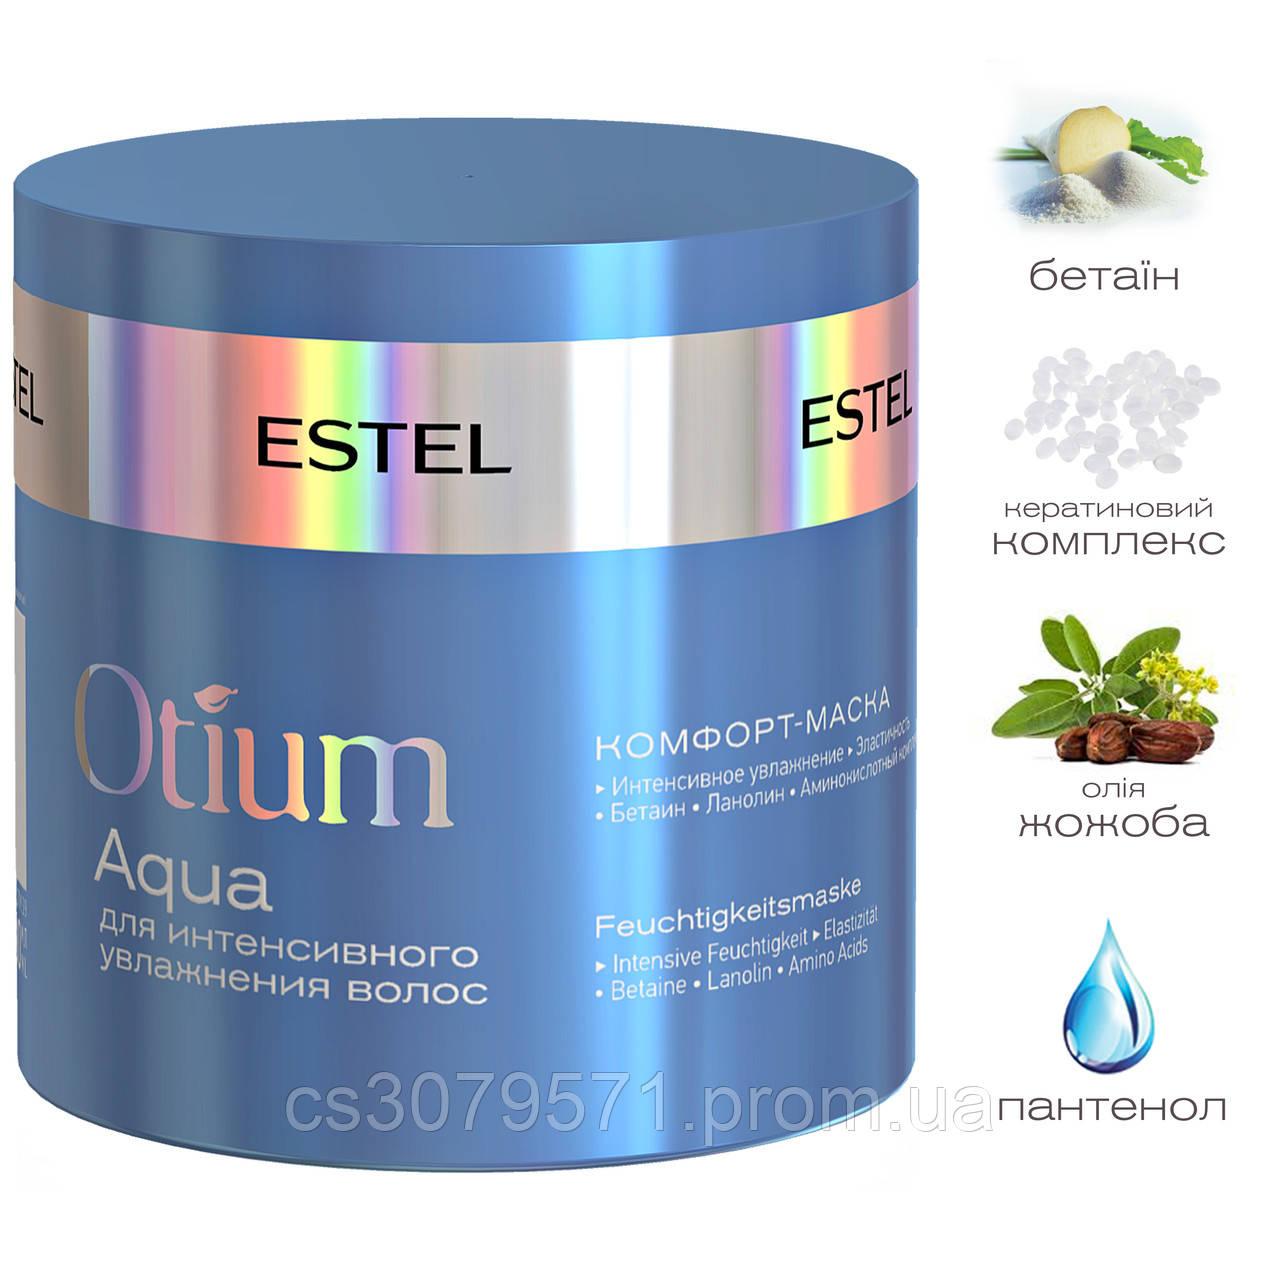 Комфорт-маска для интенсивного увлажнения волос Estel Professional Otium Aqua Mask, 300 мл